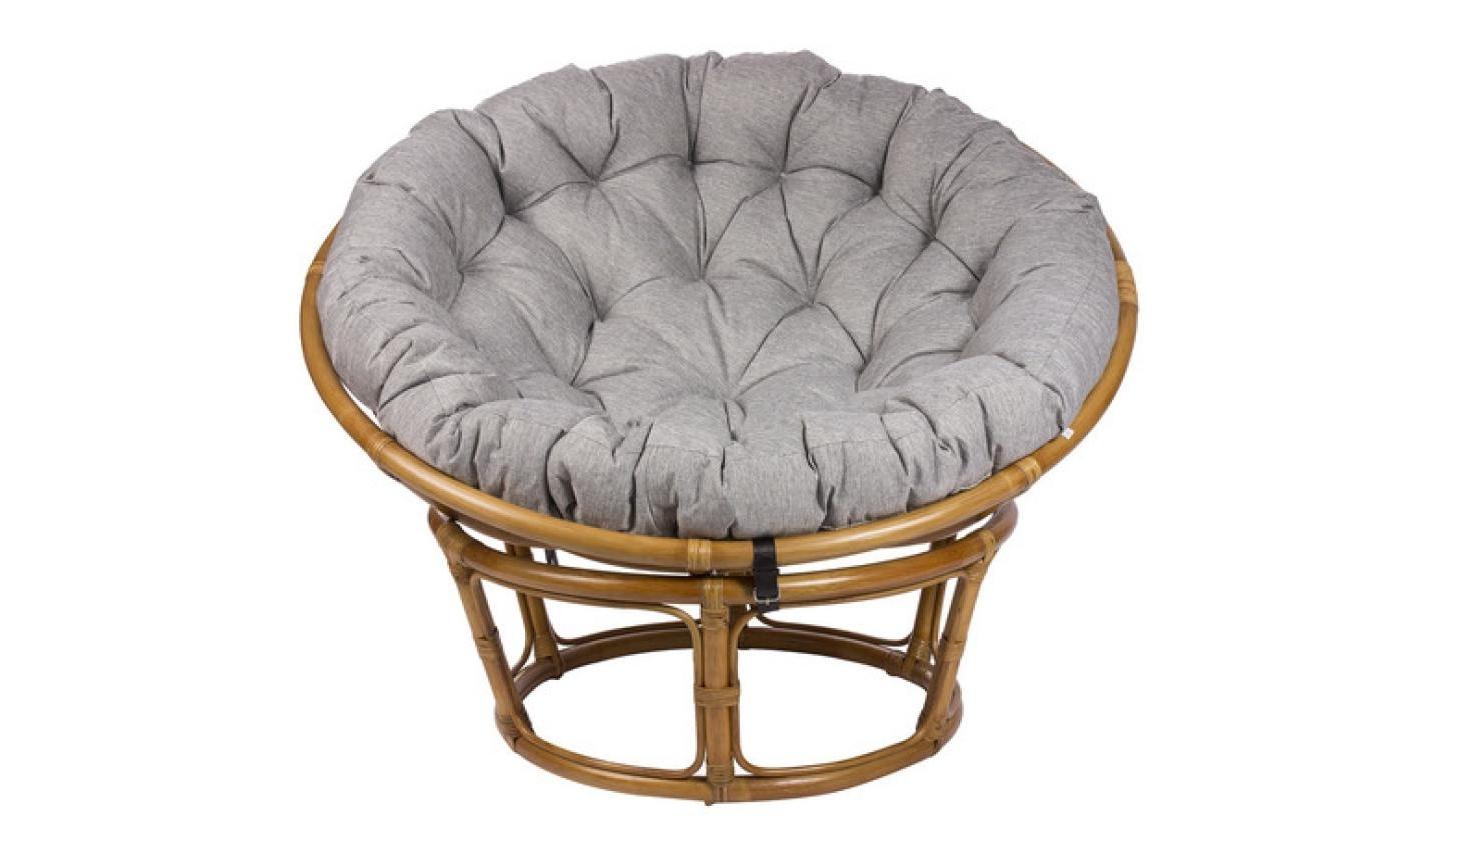 Подвесное кресло Coolline 15433533 от thefurnish